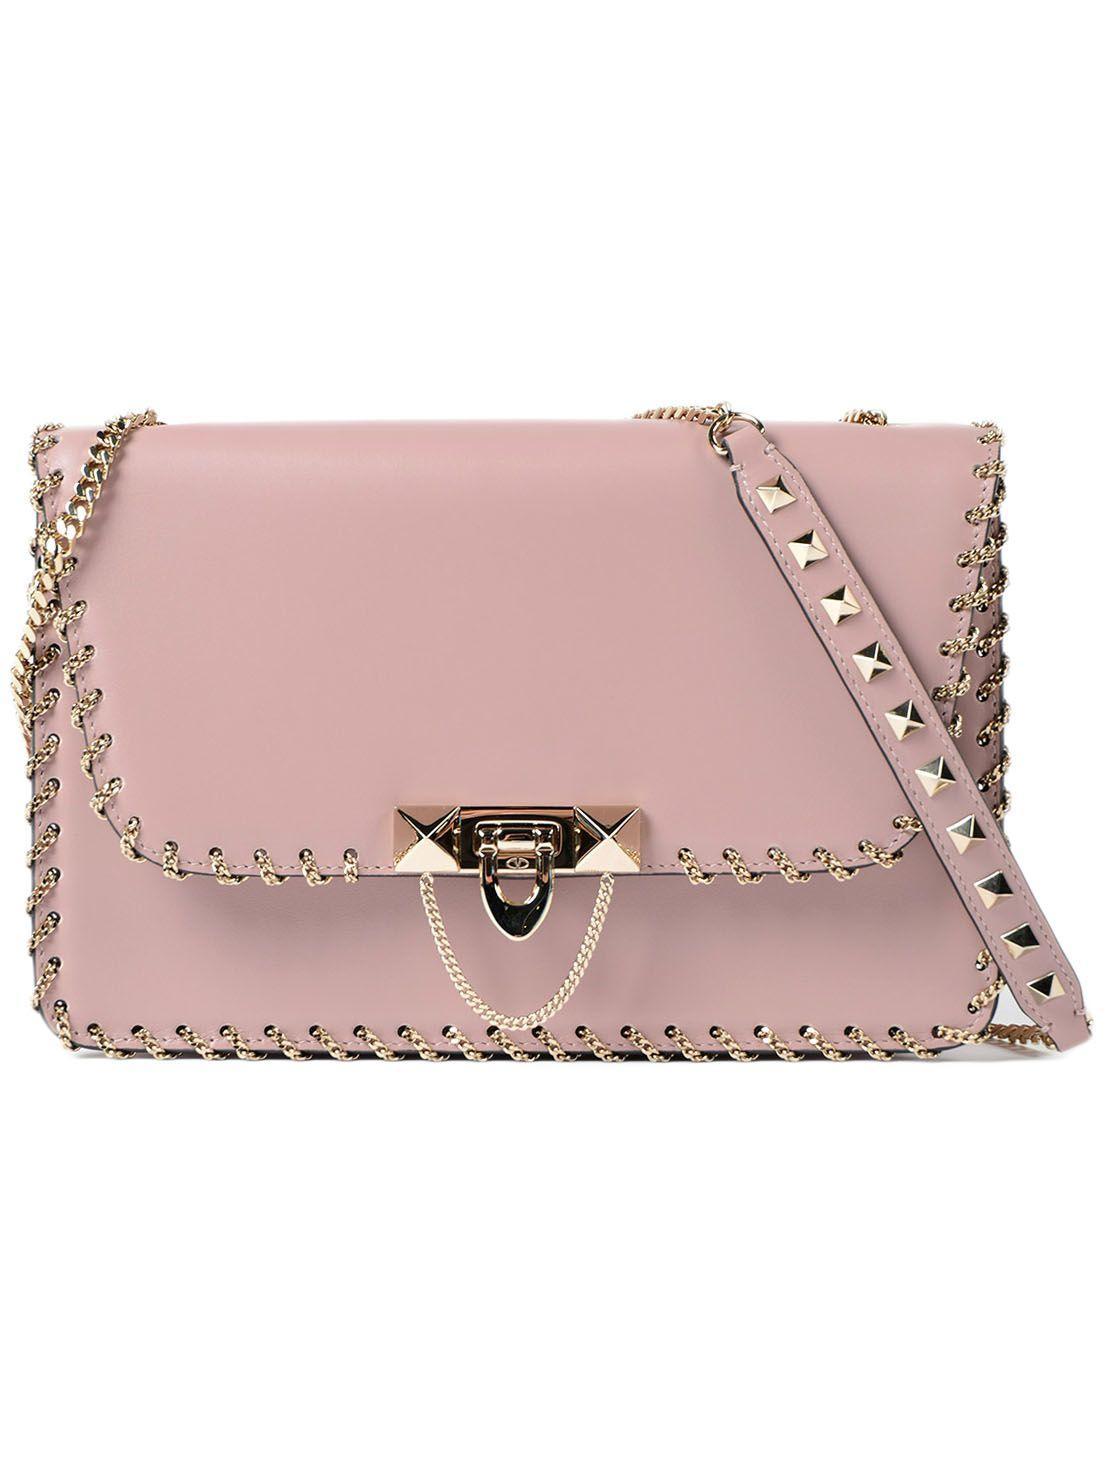 Valentino Garavani W Small Shoulder Bag In Ilipstick